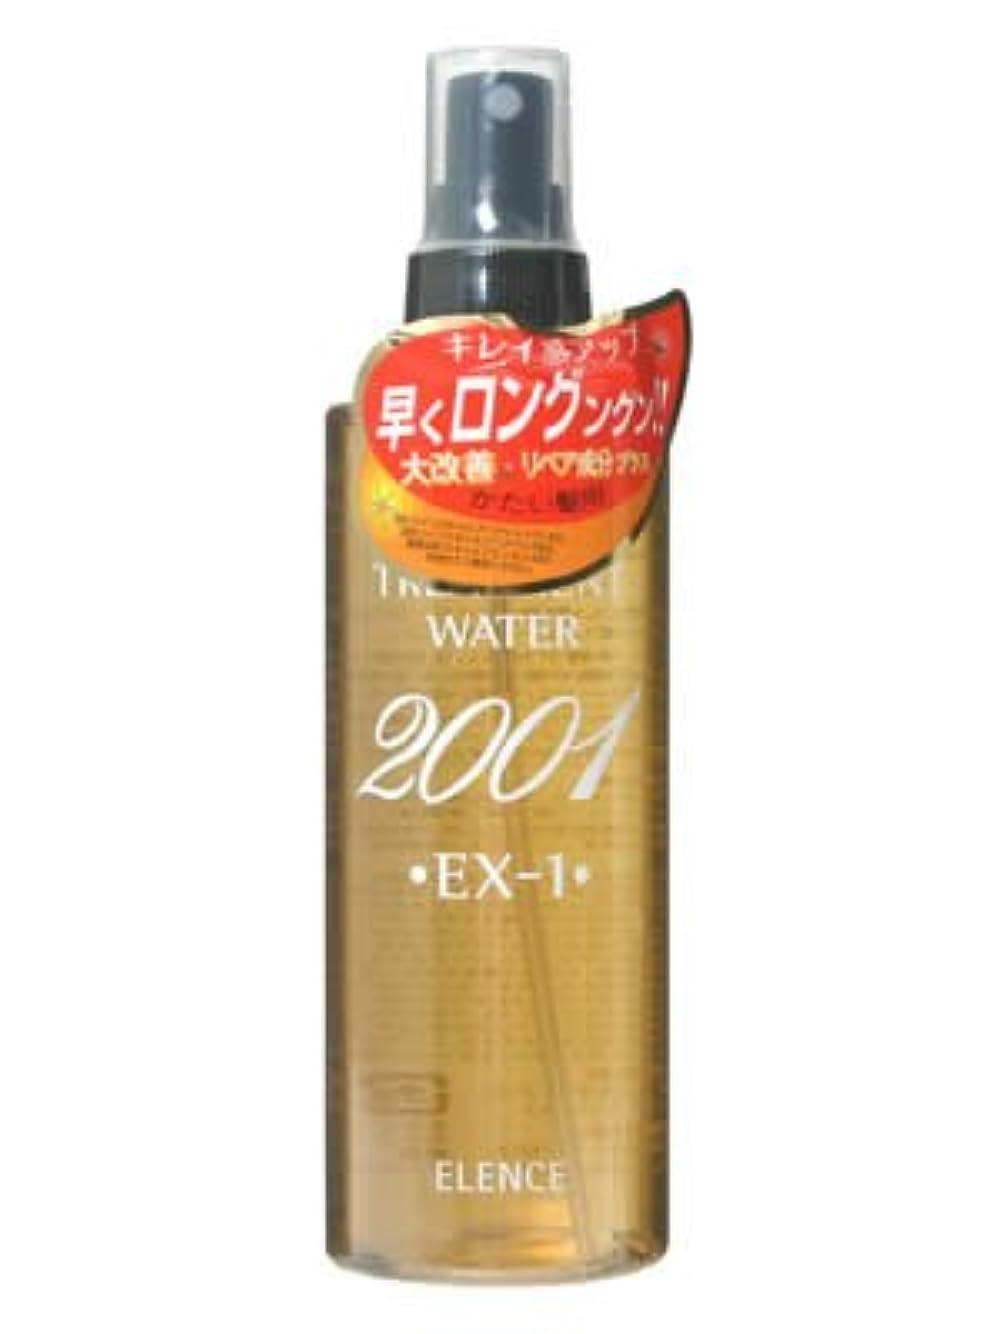 厚いショートカットカートエレンス2001 スキャルプトリートメントウォーターEX-1(かたい髪用)